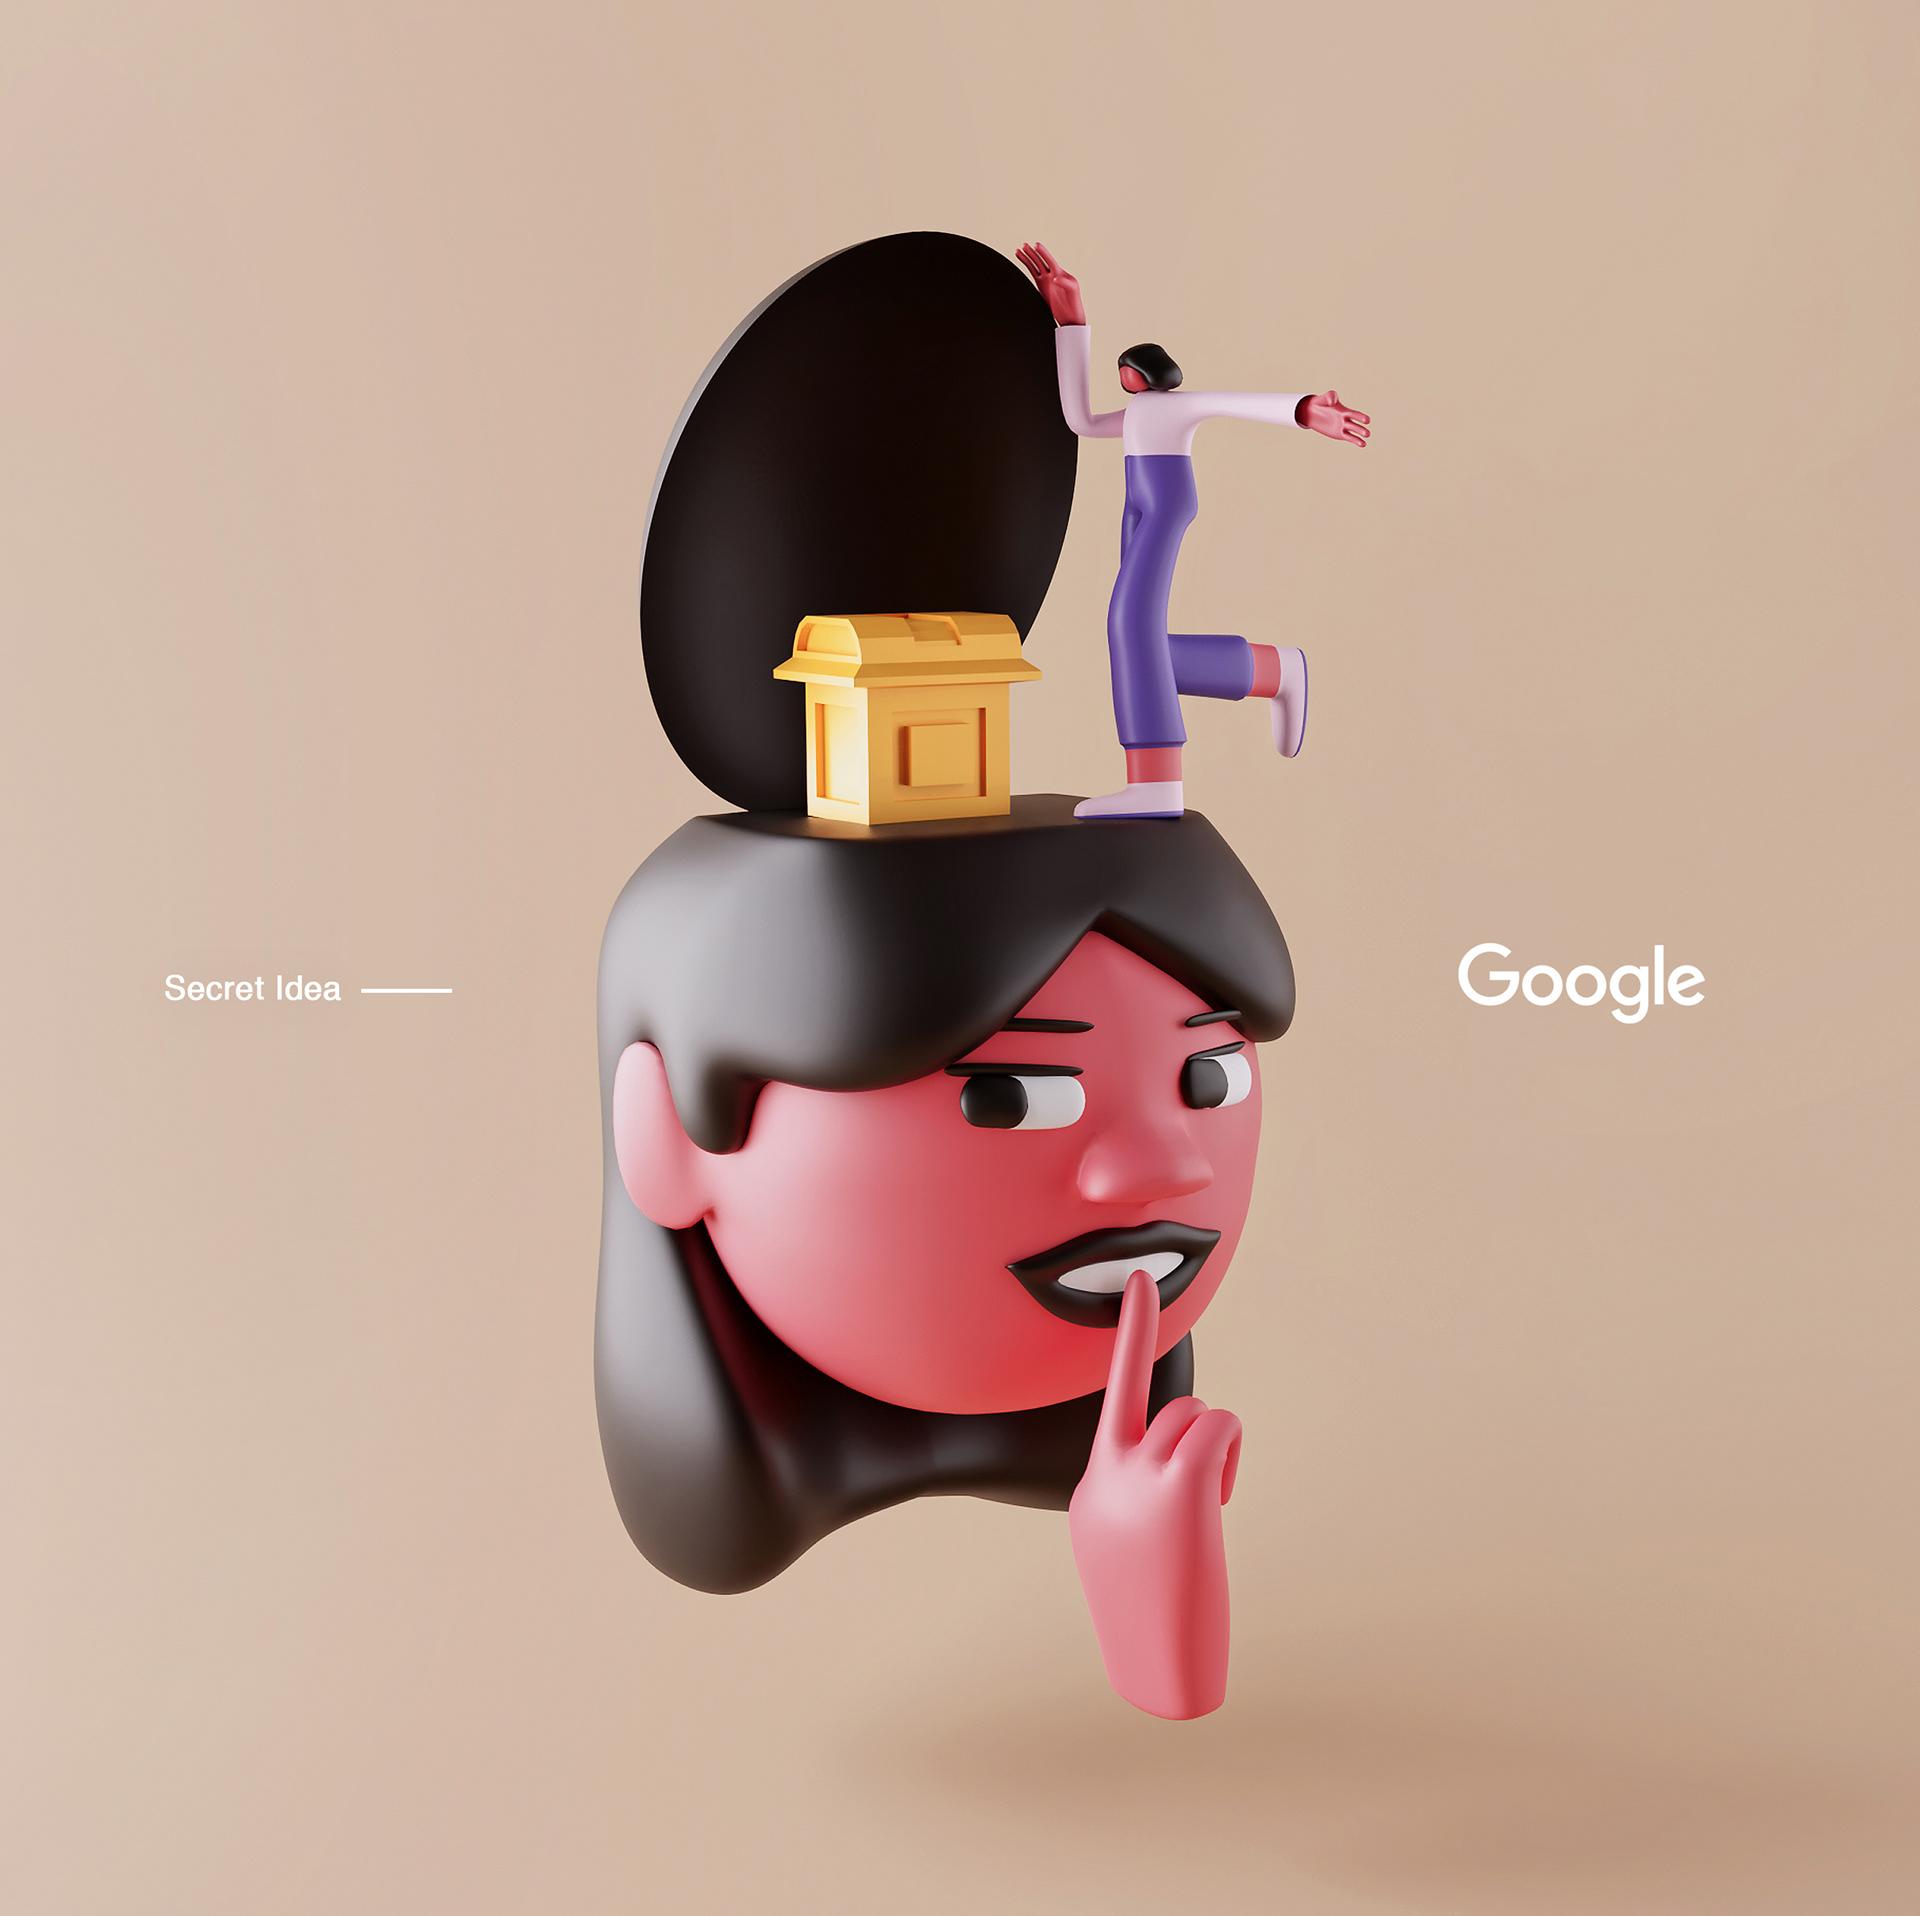 Искусство объема: яркие примеры 3D иллюстрации и анимации